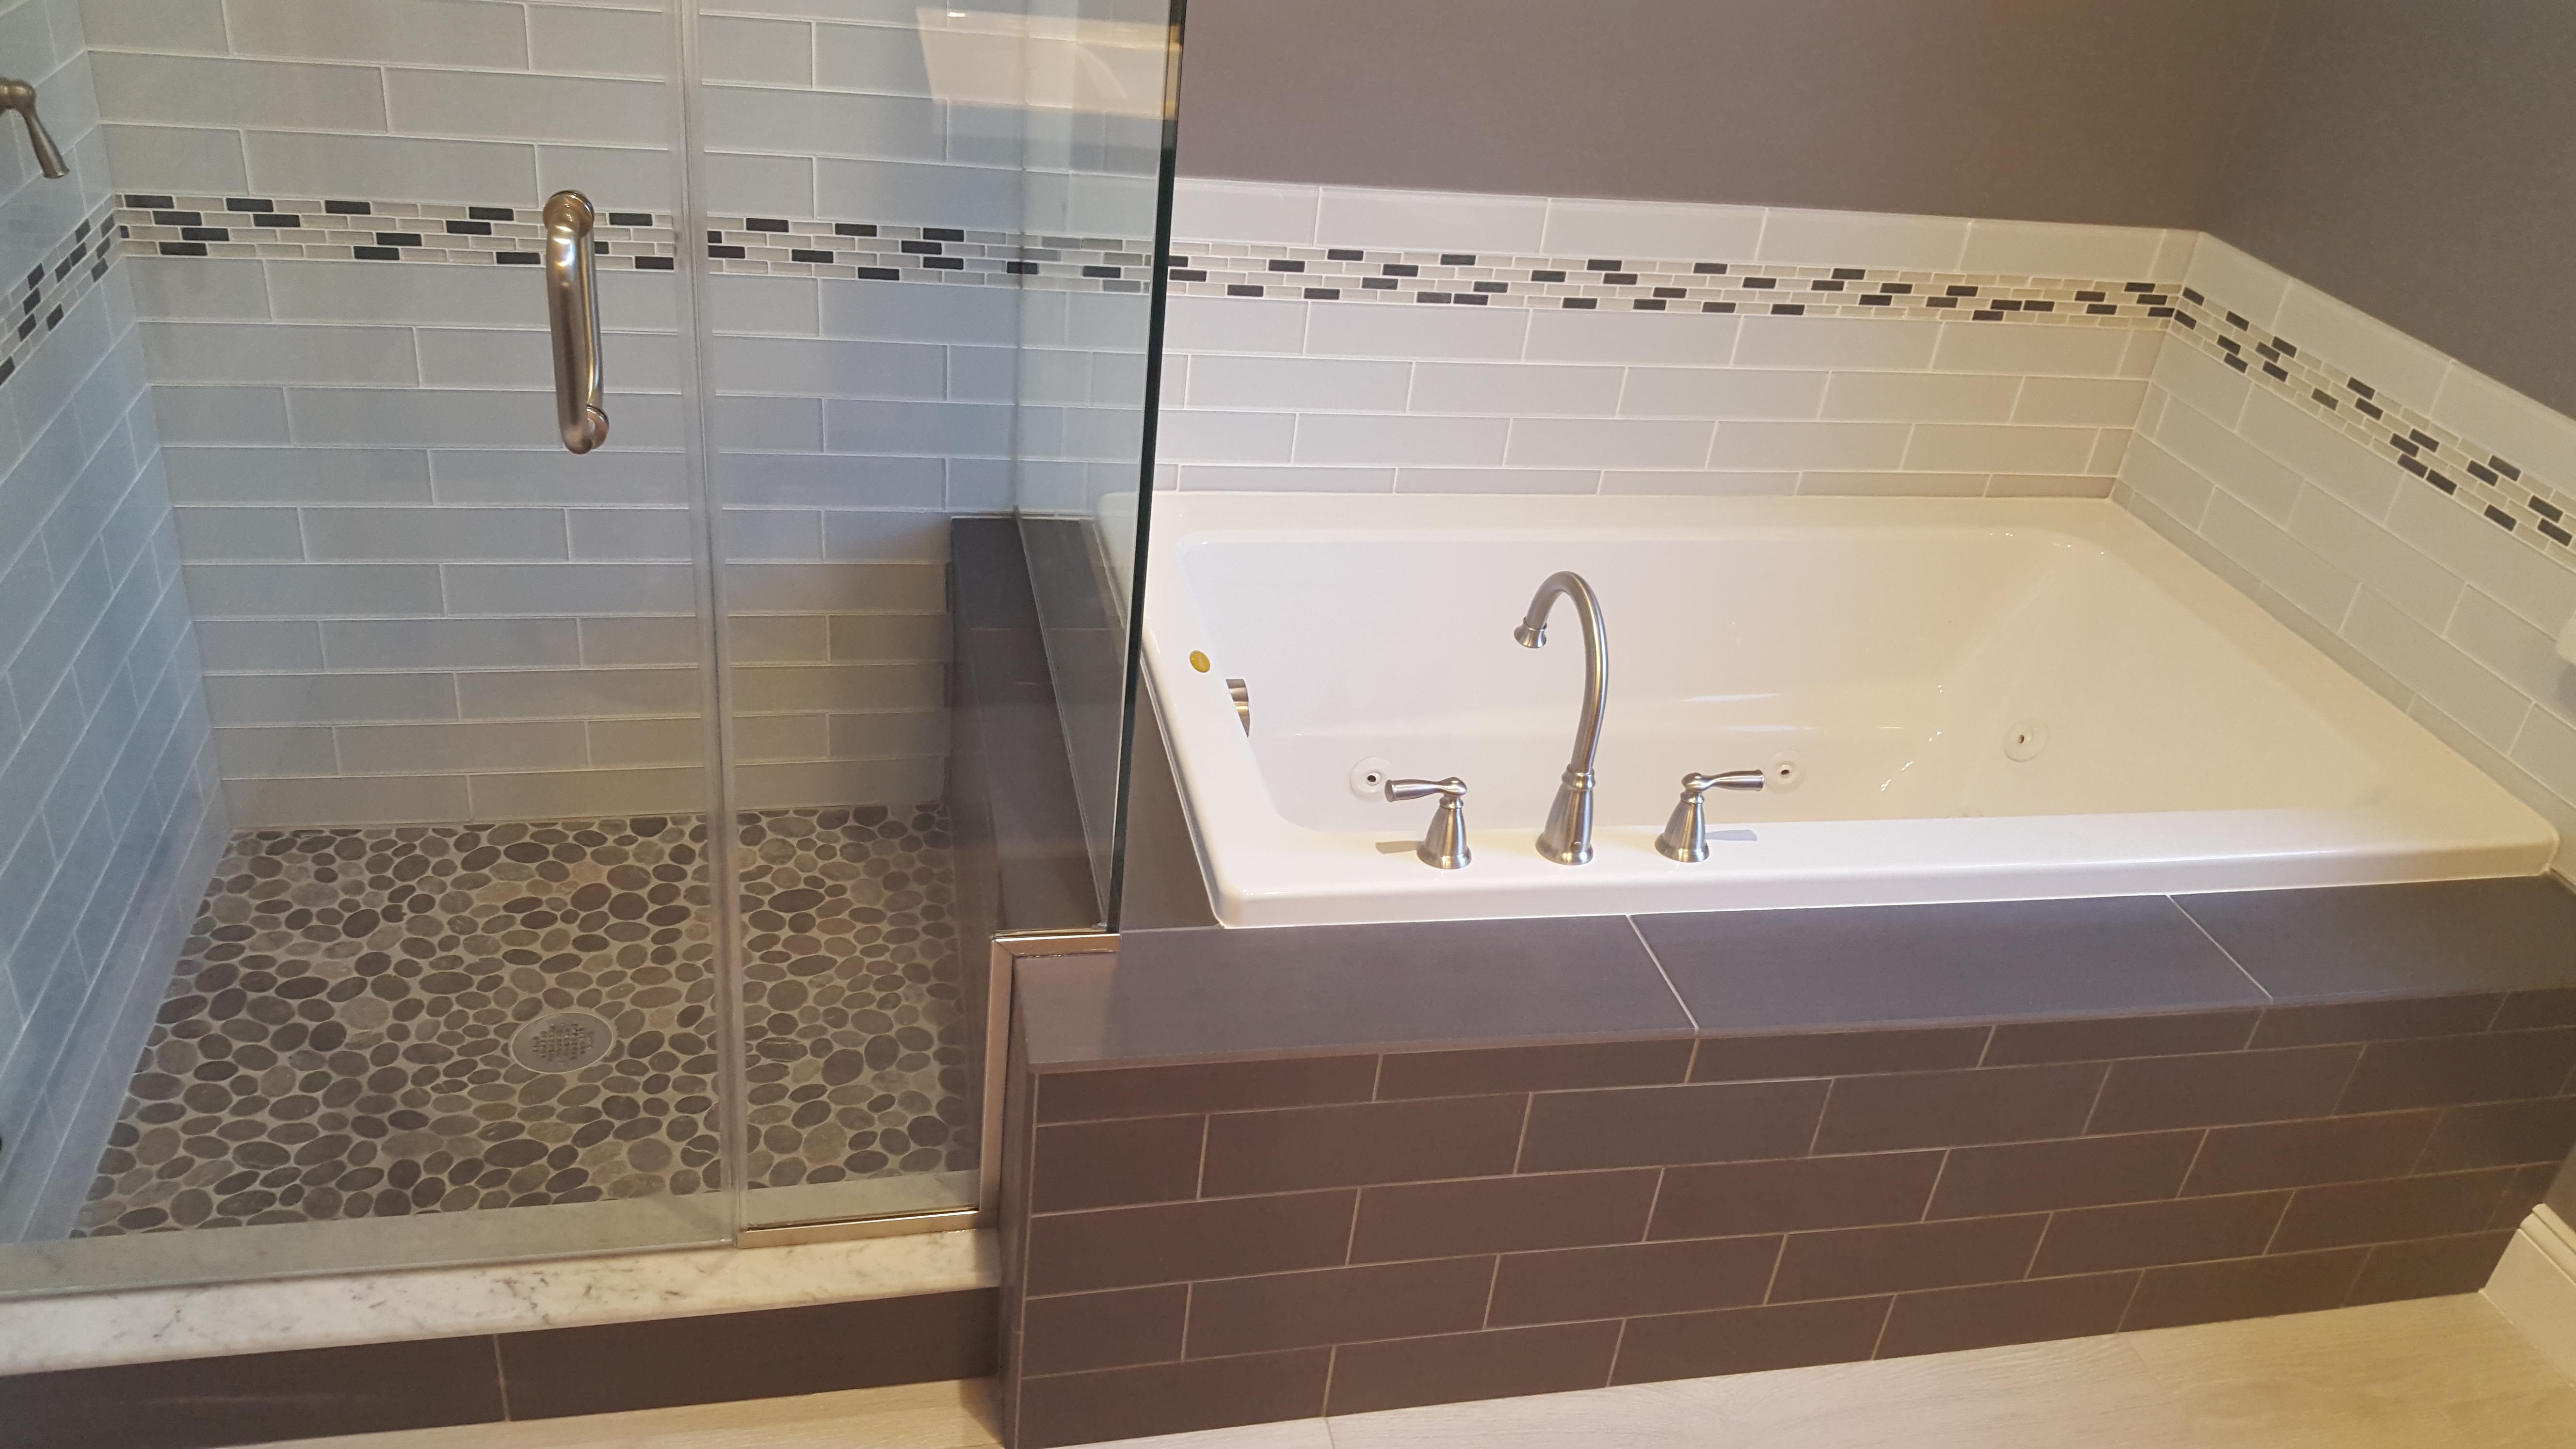 Rockland County Bathrooms